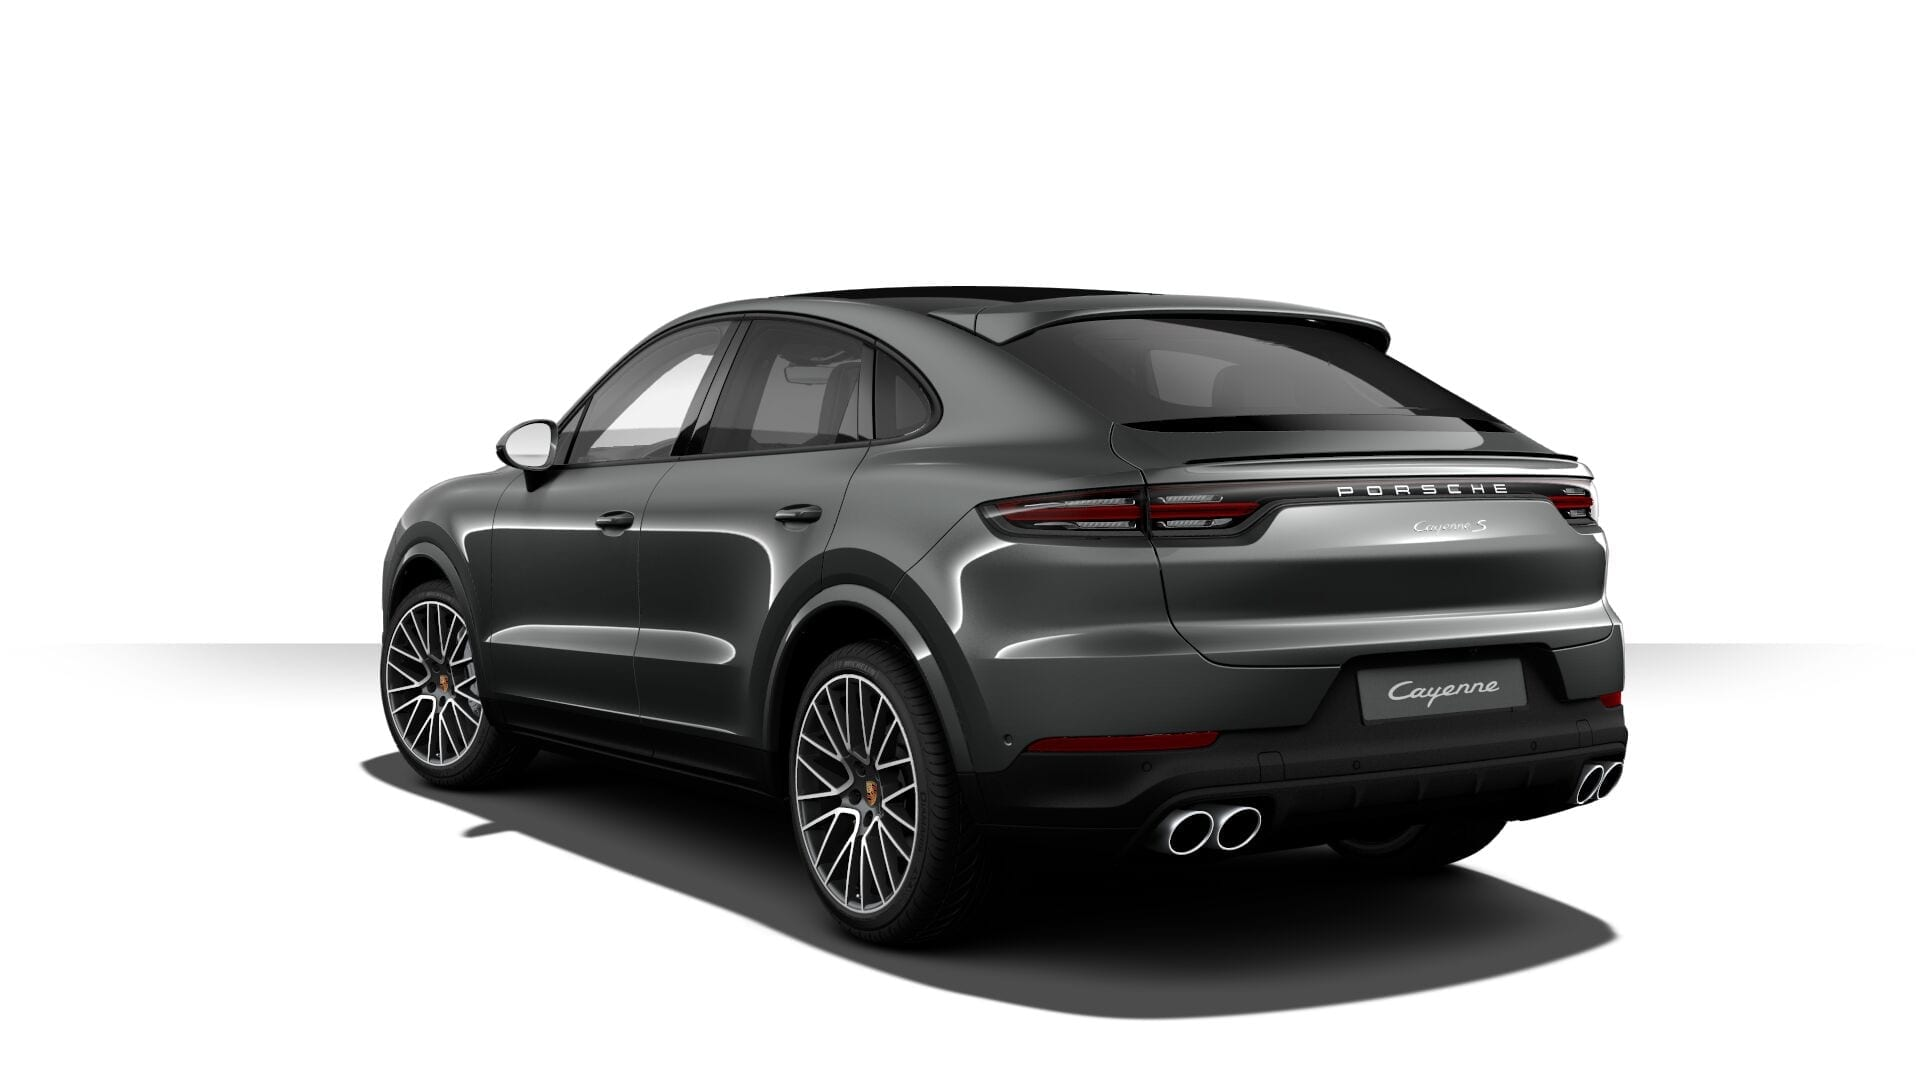 Porsche Cayenne mieten Muenchen